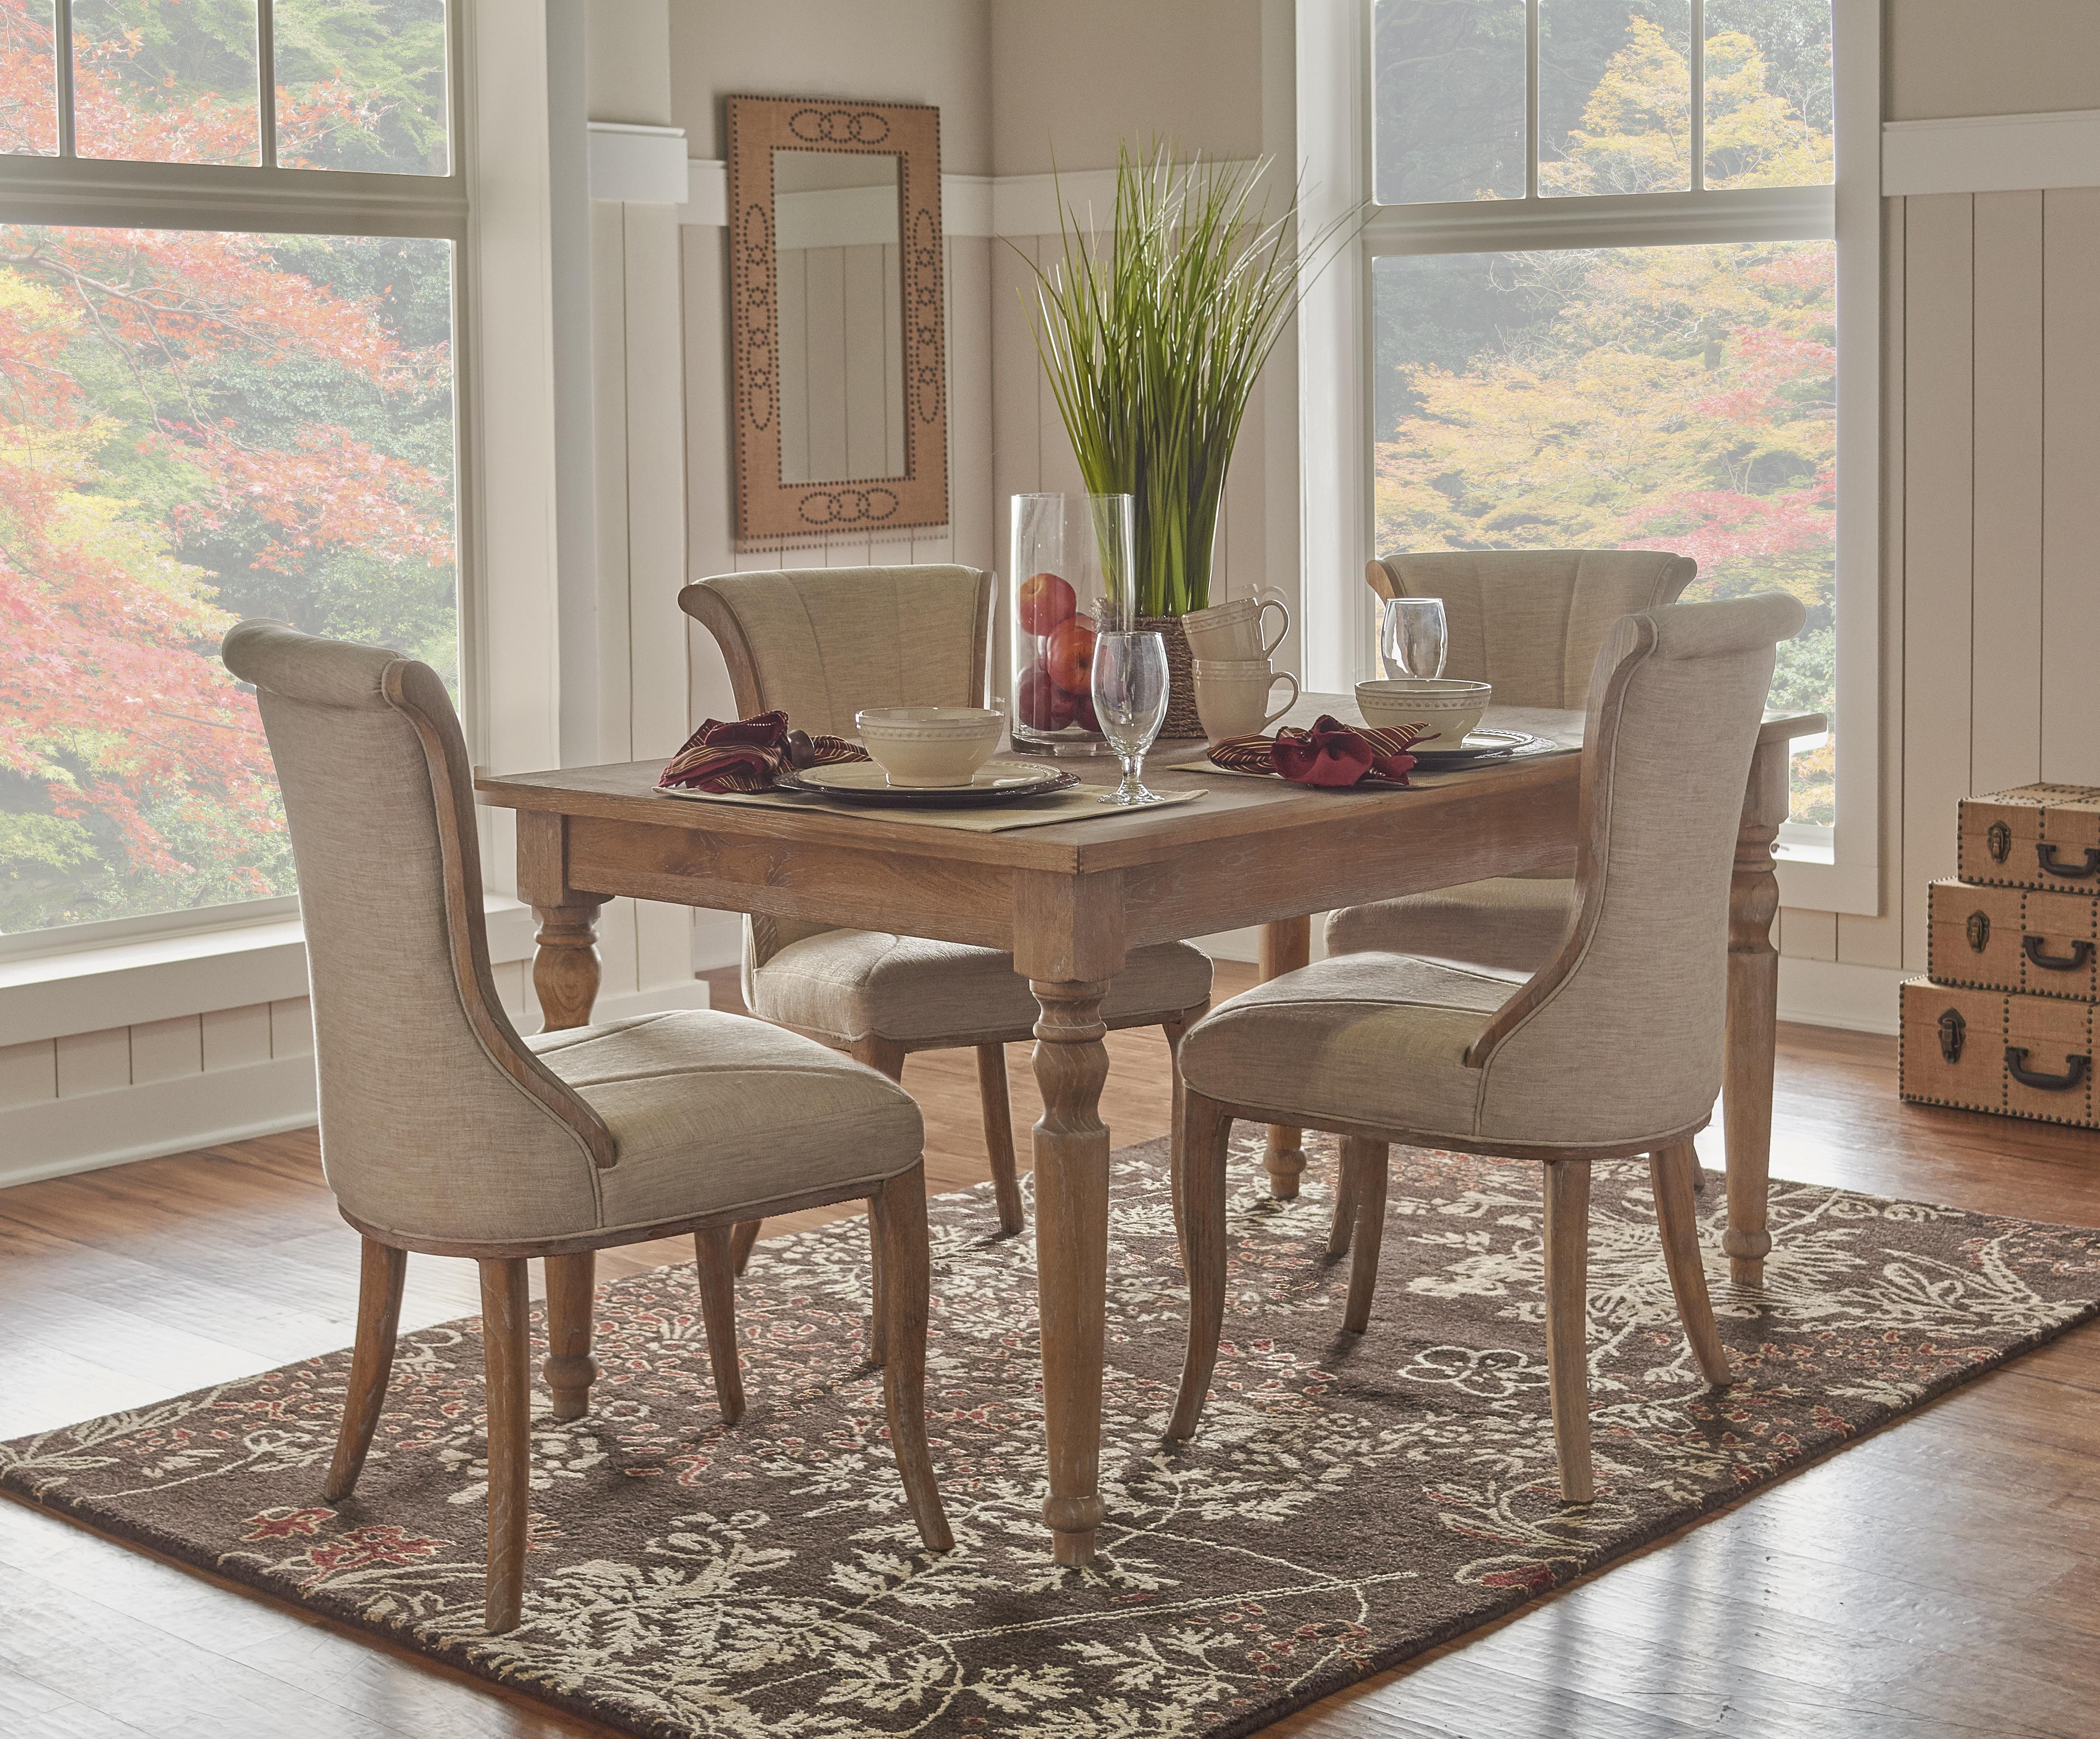 Linon elm and oak veneer dining table in